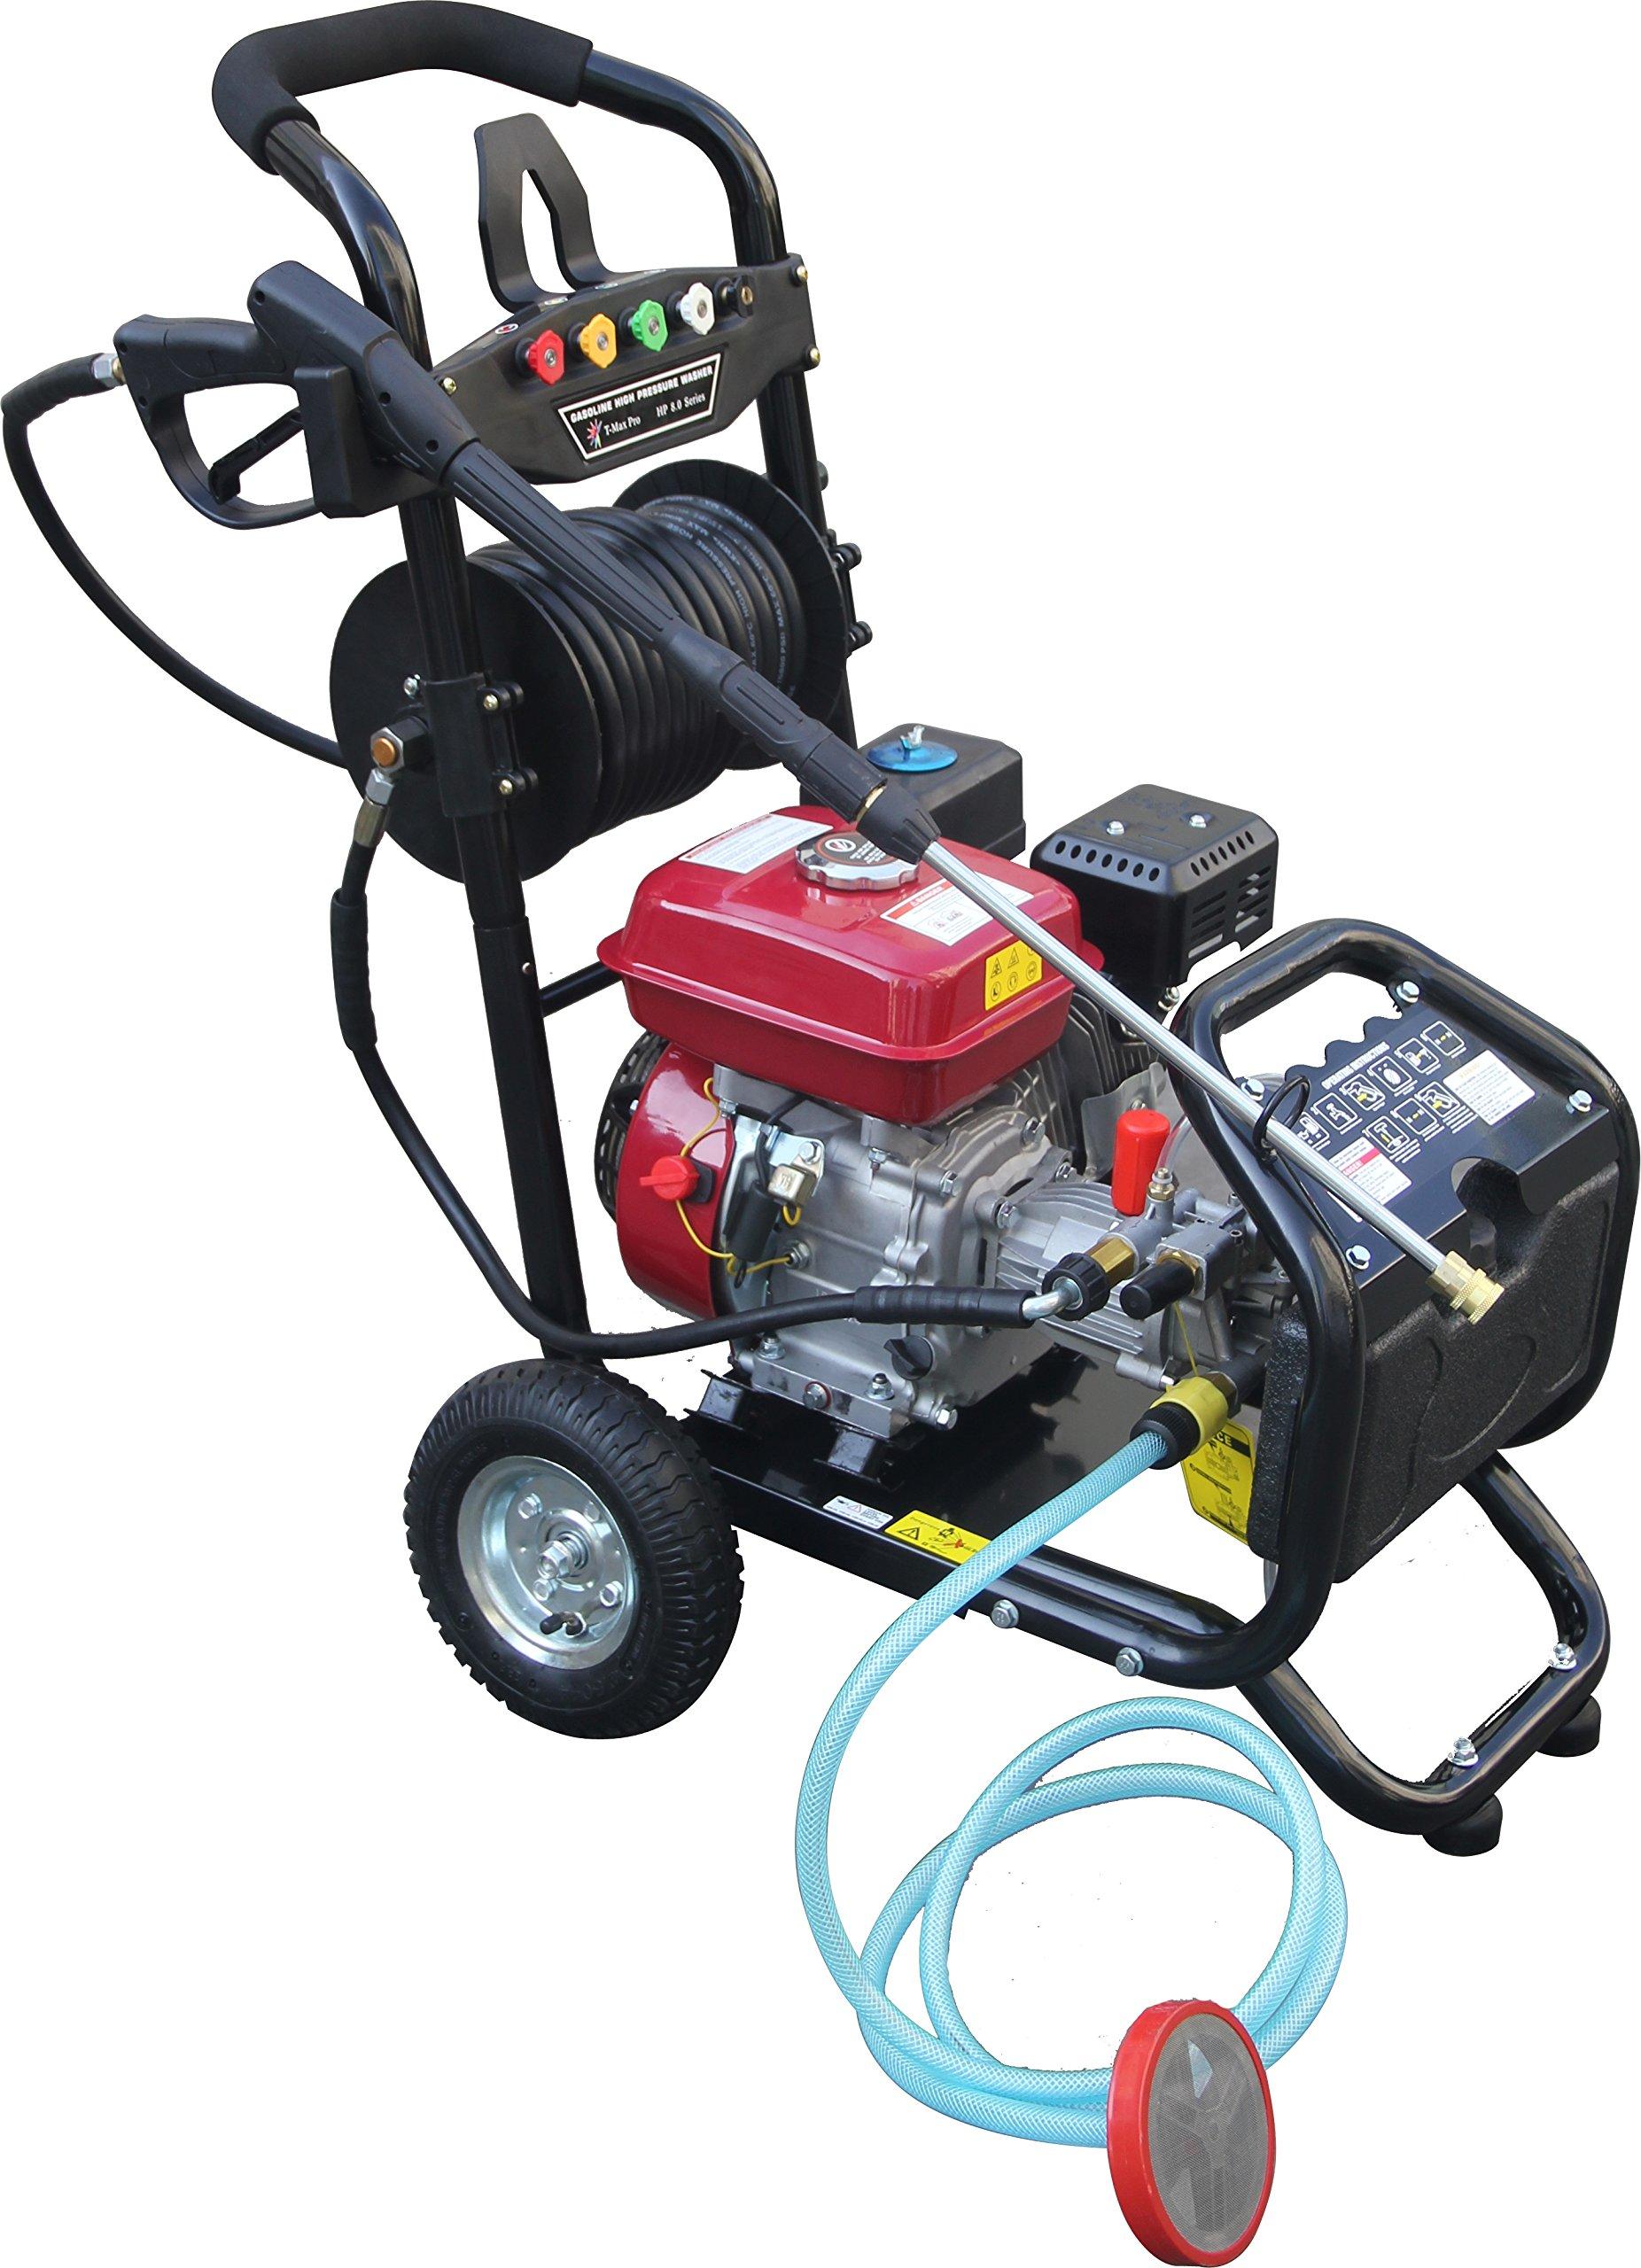 Dealourus-Benzin-Hochdruckreiniger–80-PS-3950-psi-Awesome-Power-T-MAX-PRO-20-Meter-Schlauch-5-Bonus-Druckdsen-Plus-gratis-Turbo-Dsensprher